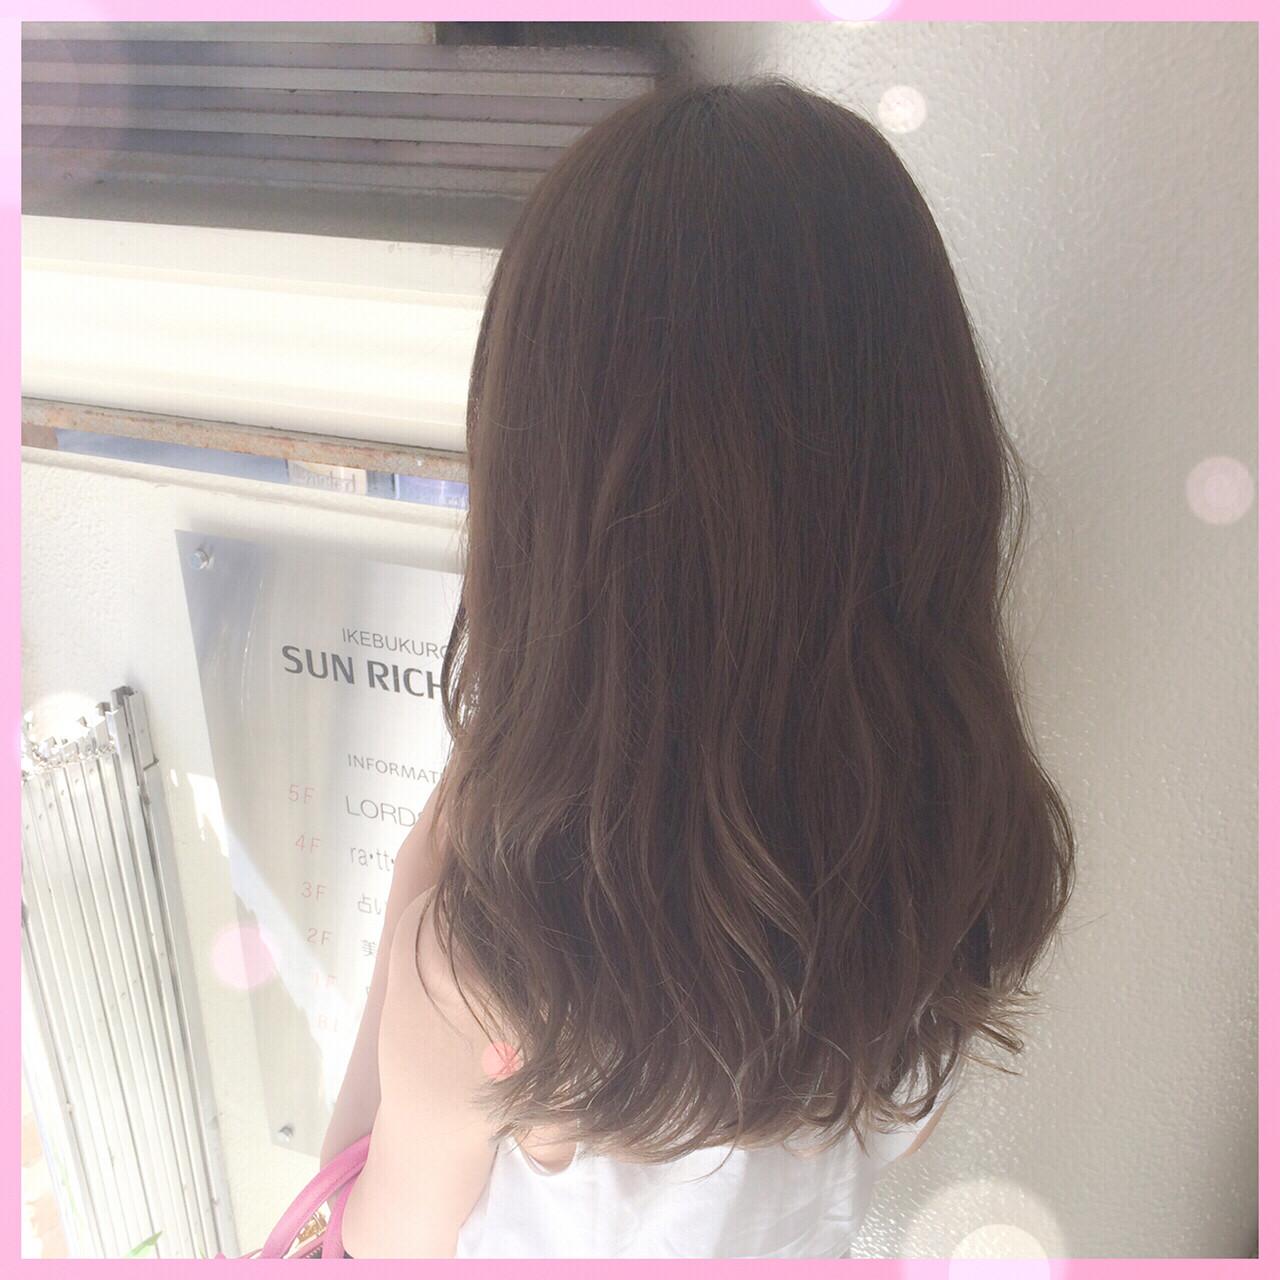 グレージュ グラデーションカラー 外国人風 ナチュラル ヘアスタイルや髪型の写真・画像 | 植原健太 / Euphoria+n